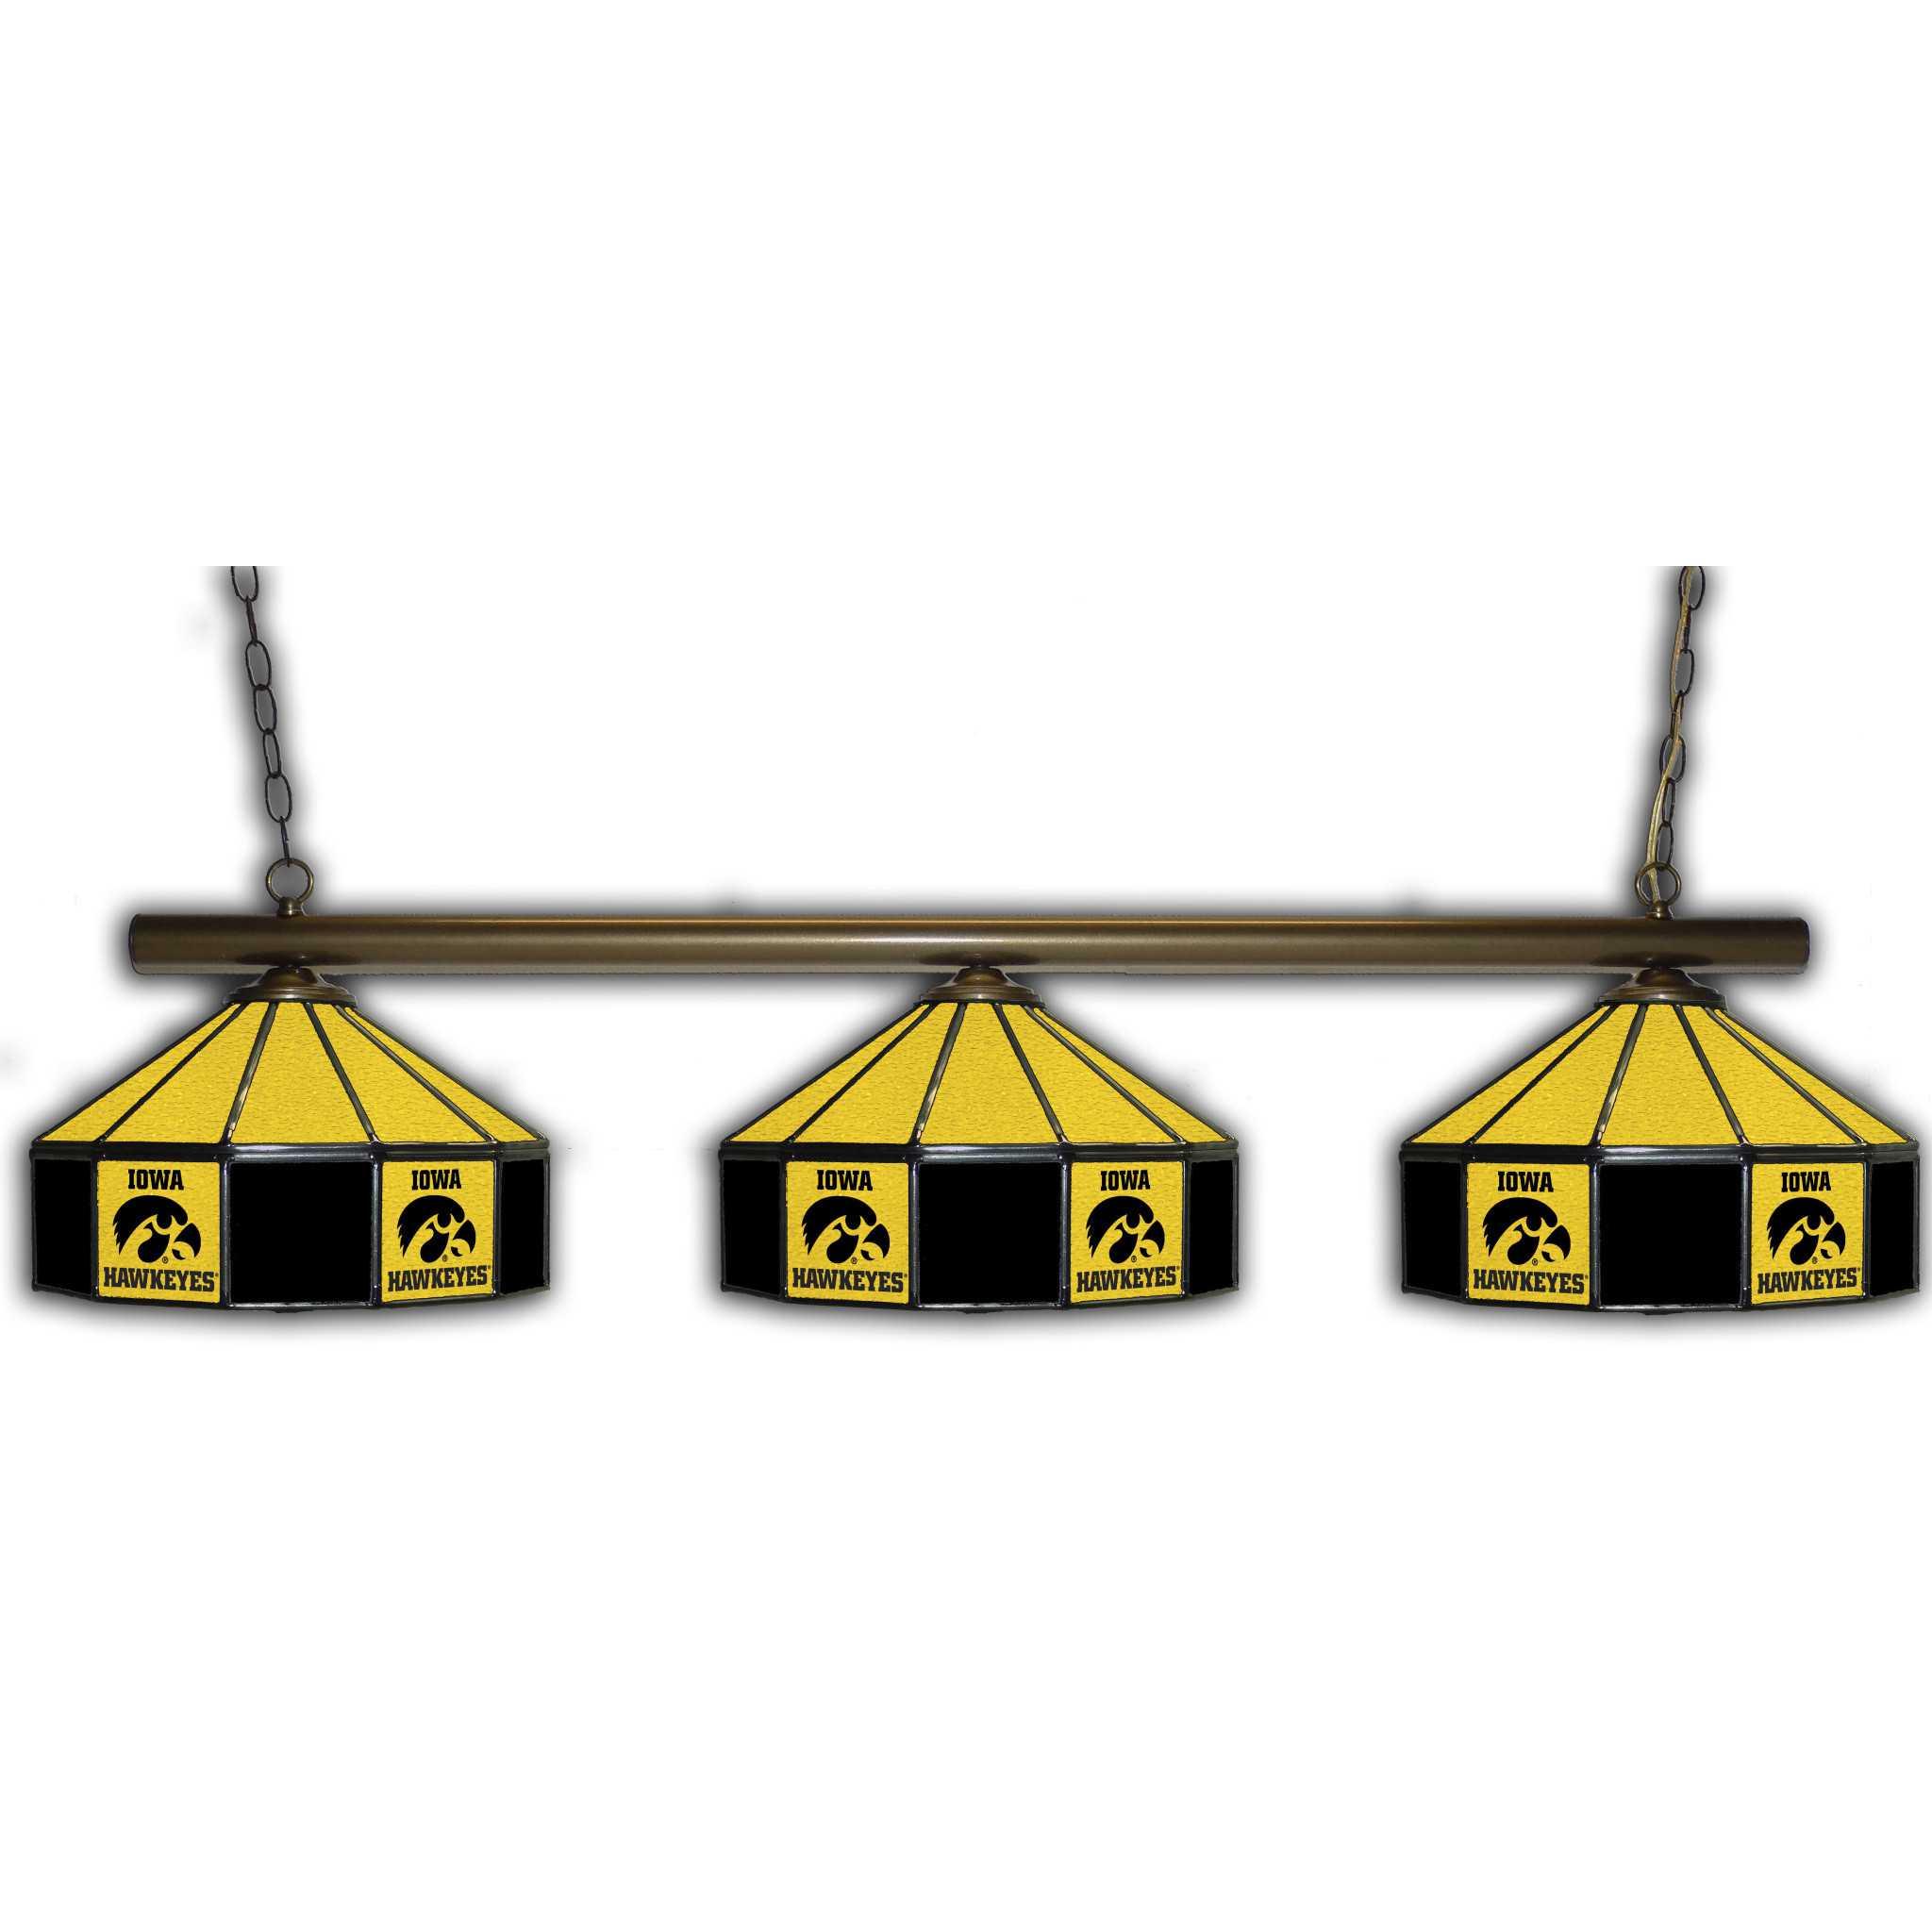 UNIVERSITY OF IOWA 3 SHADE GLASS LAMP